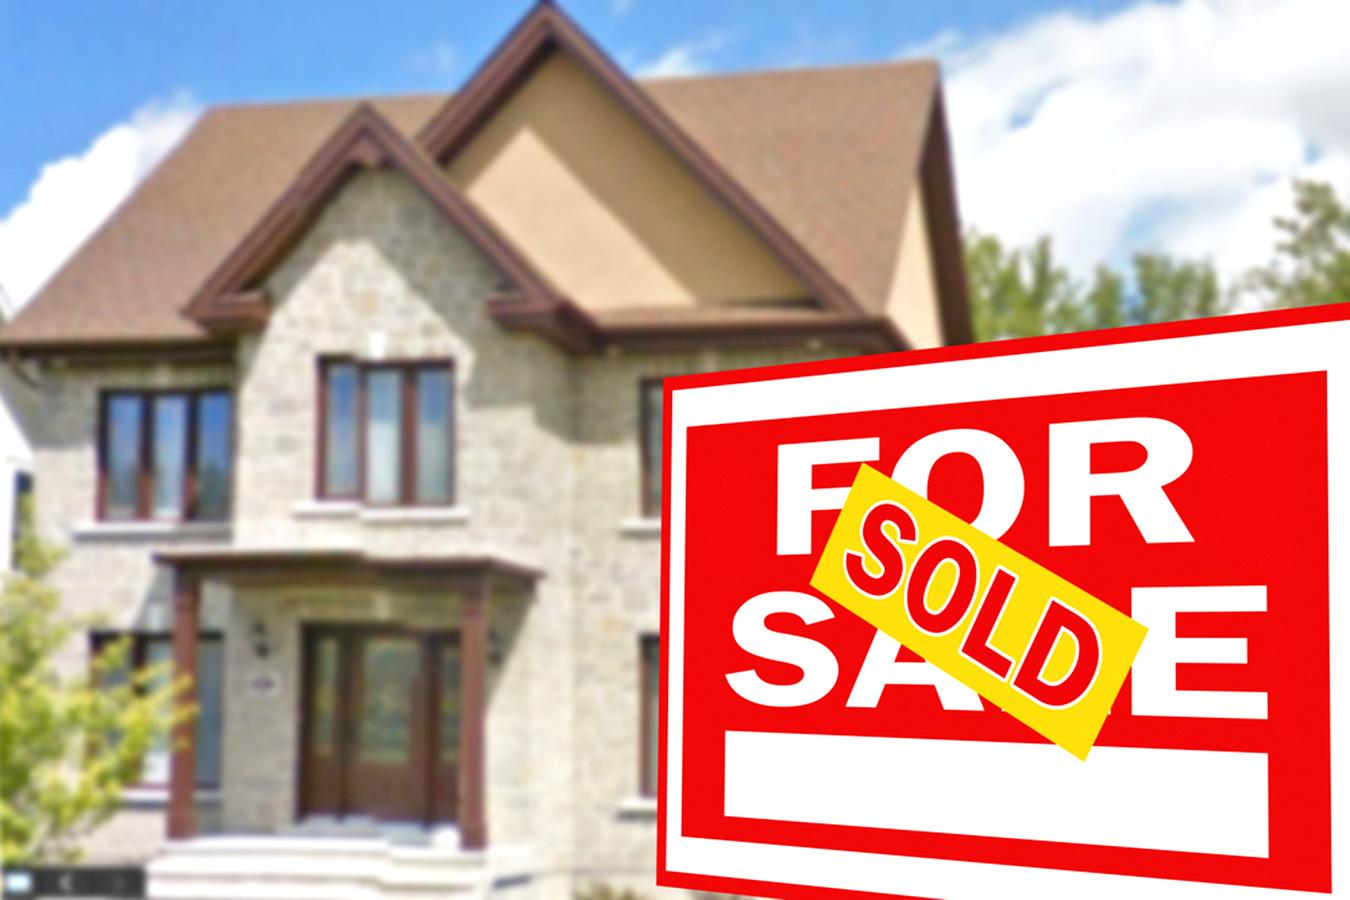 2018年,多倫多樓價微漲,房屋銷量降16%。(Shutterstock)